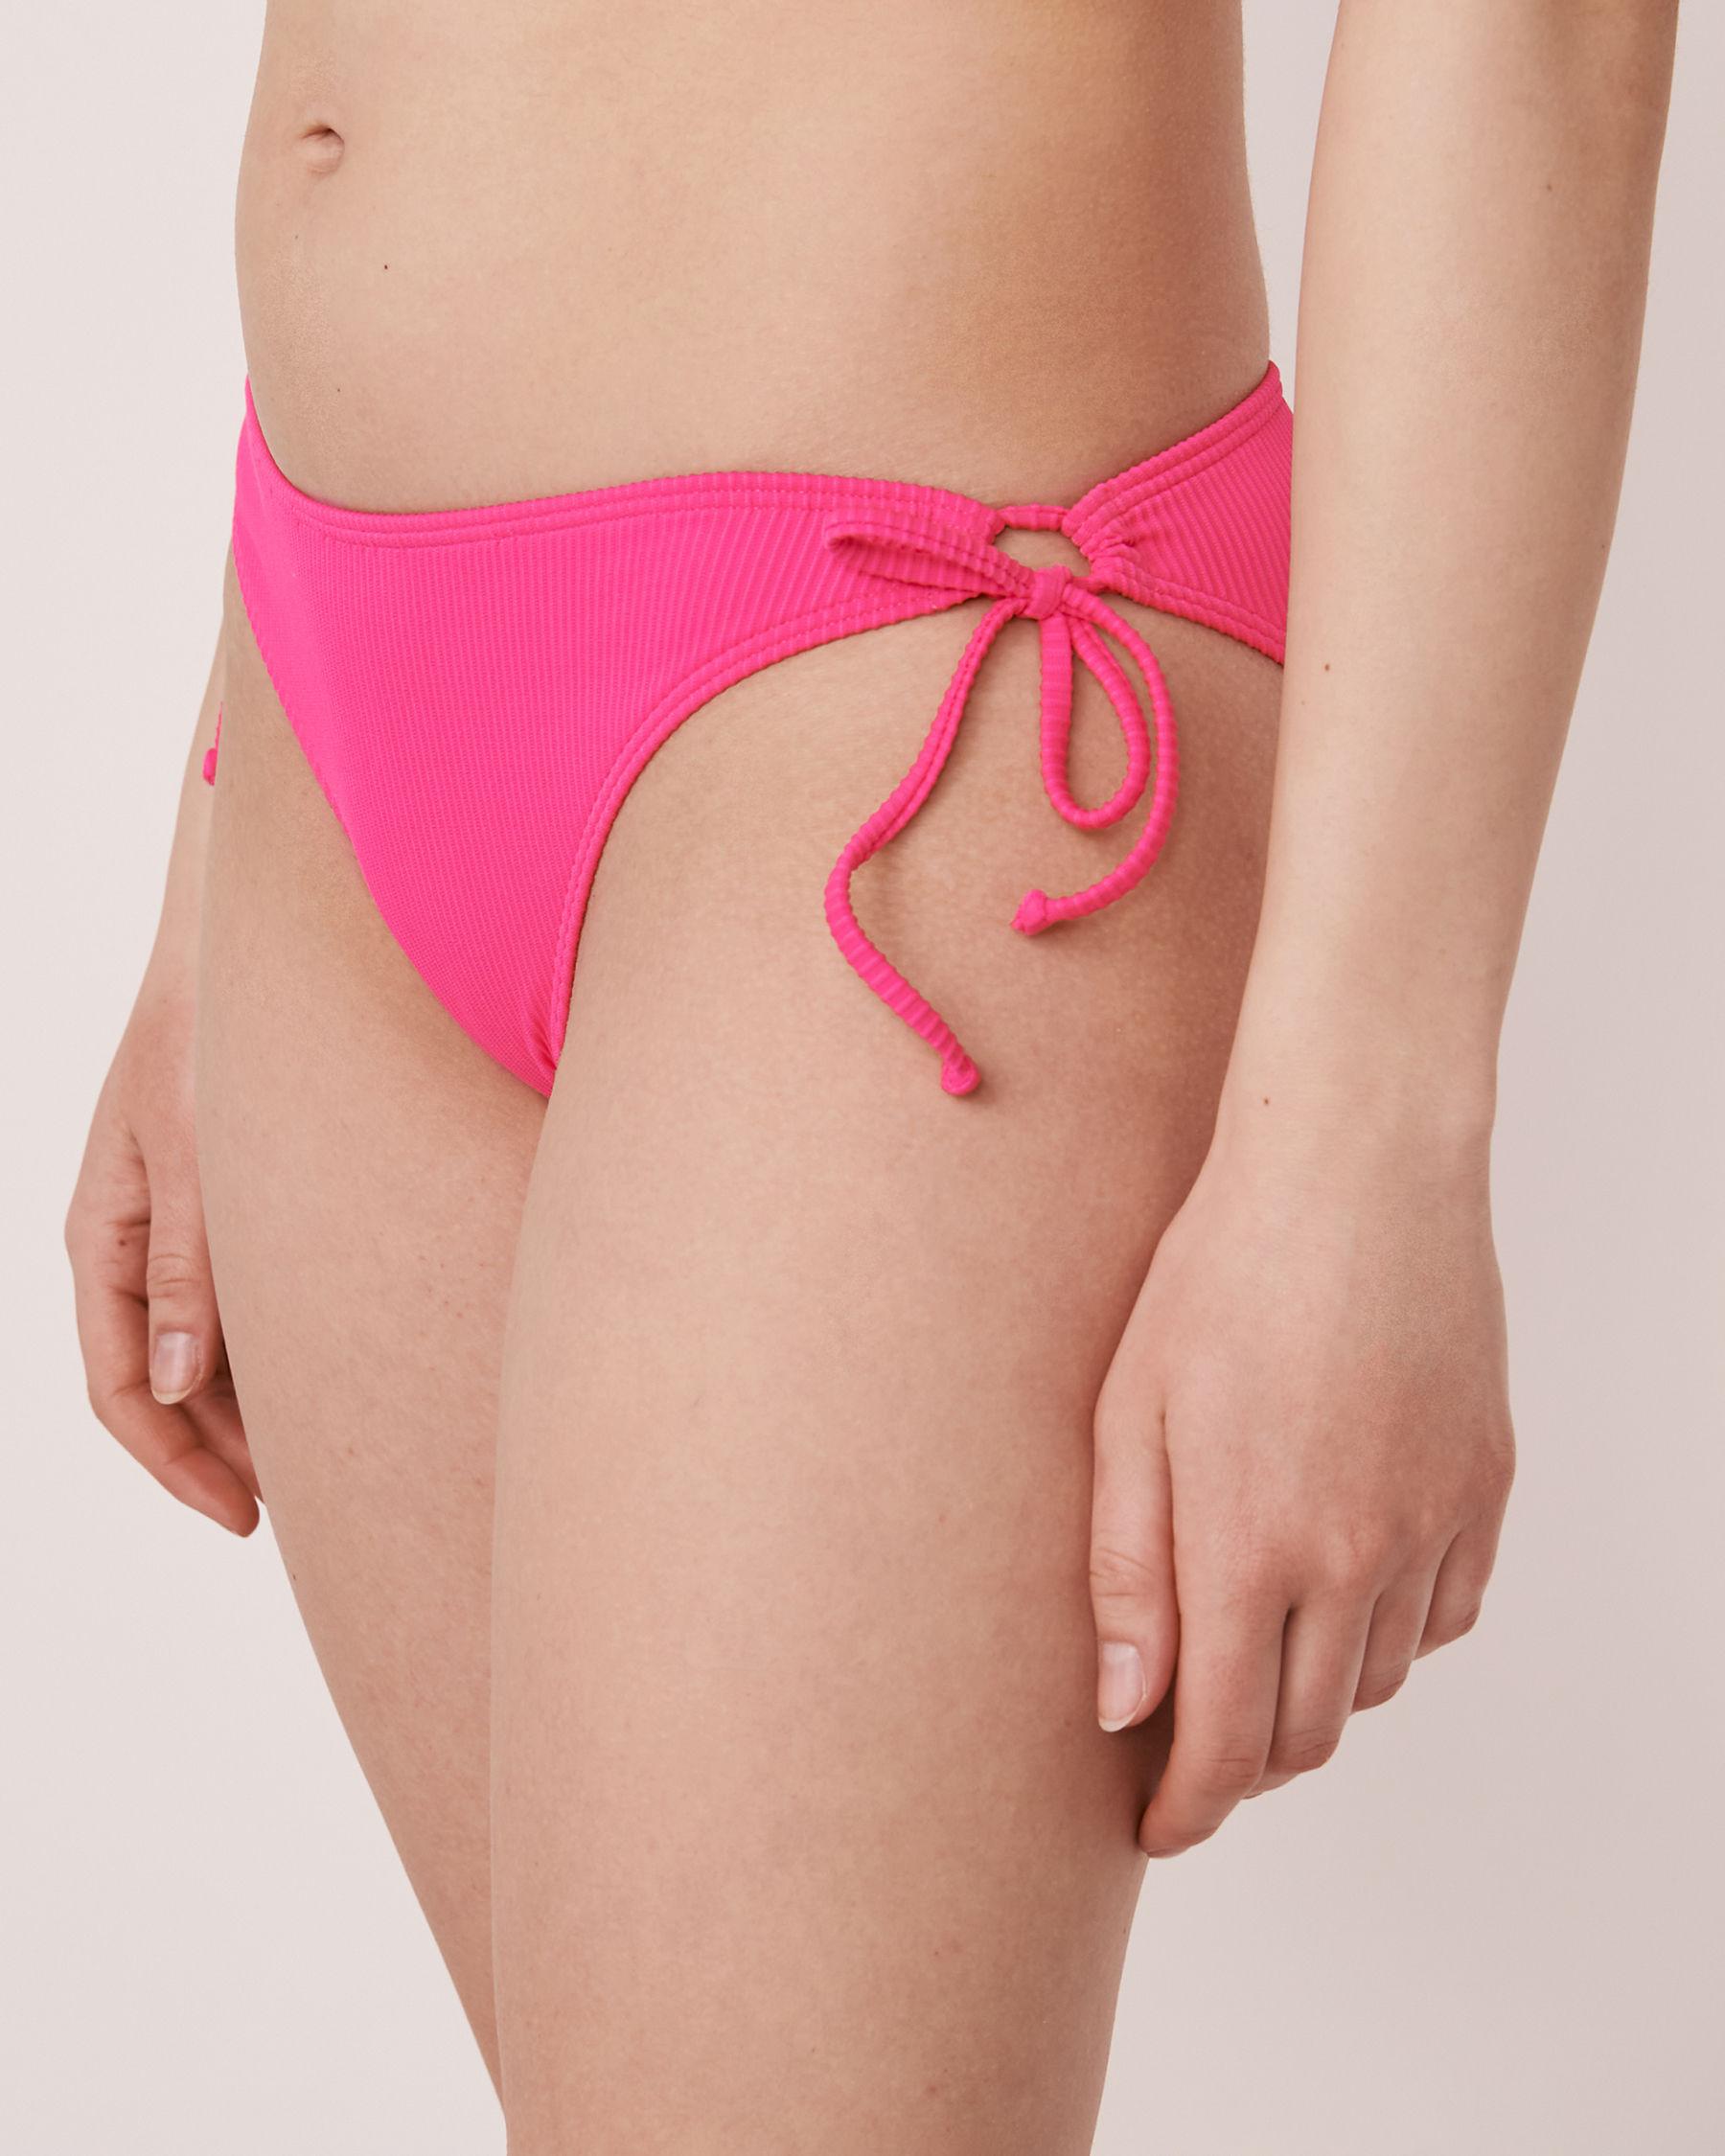 LA VIE EN ROSE AQUA Bas de bikini noué aux hanches en fibres recyclées TOOTSIE RIB Rose néon 70300064 - Voir1